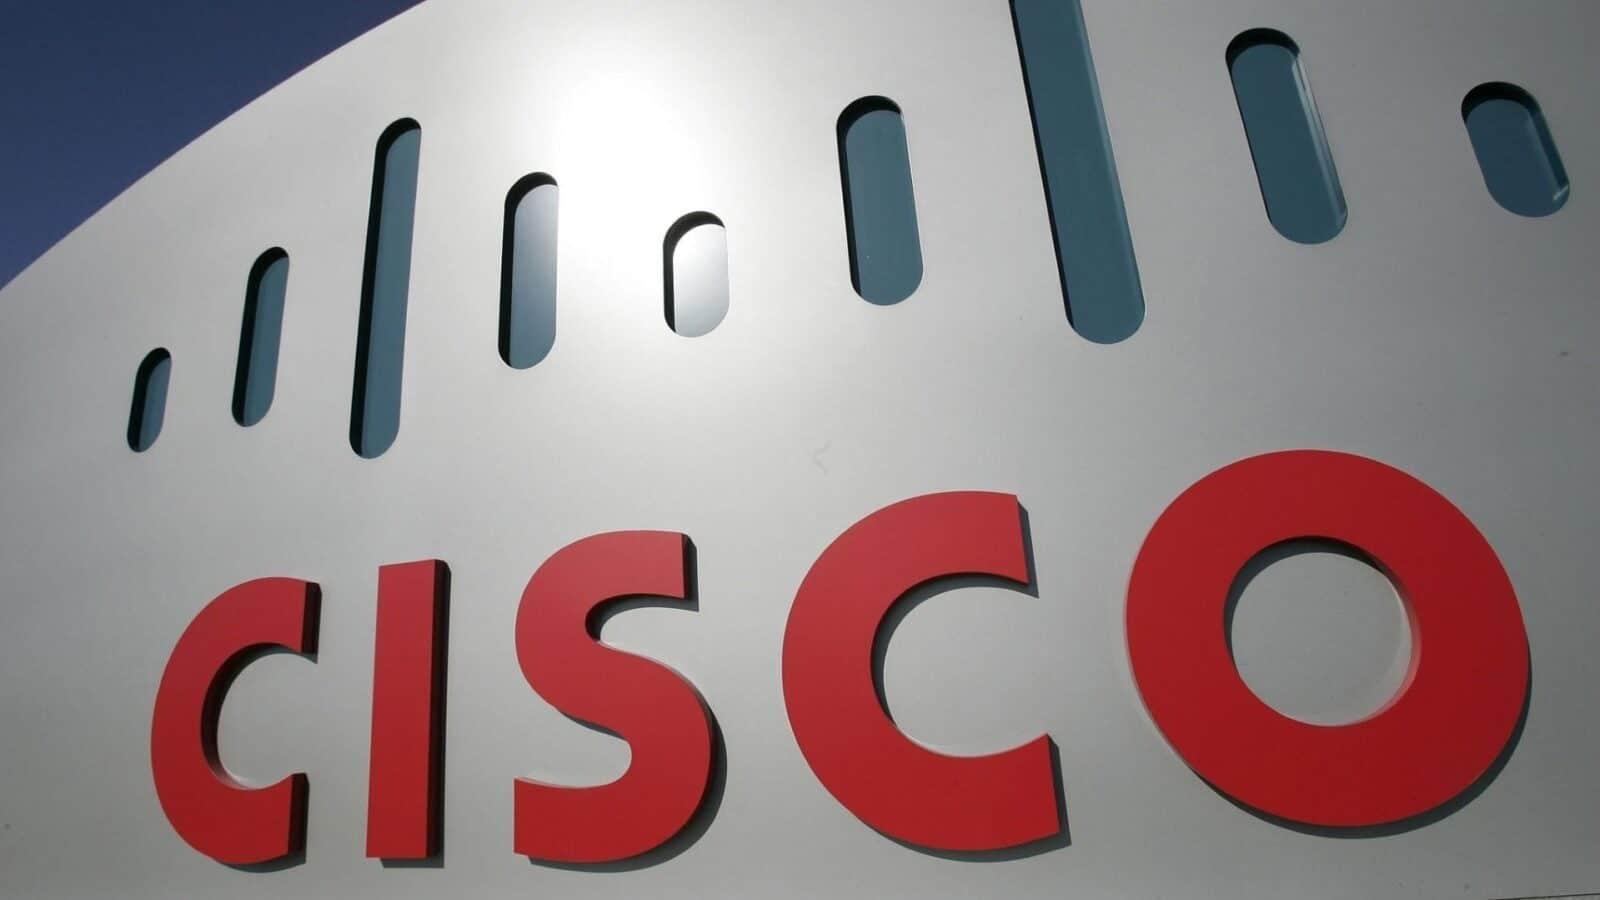 Cisco New